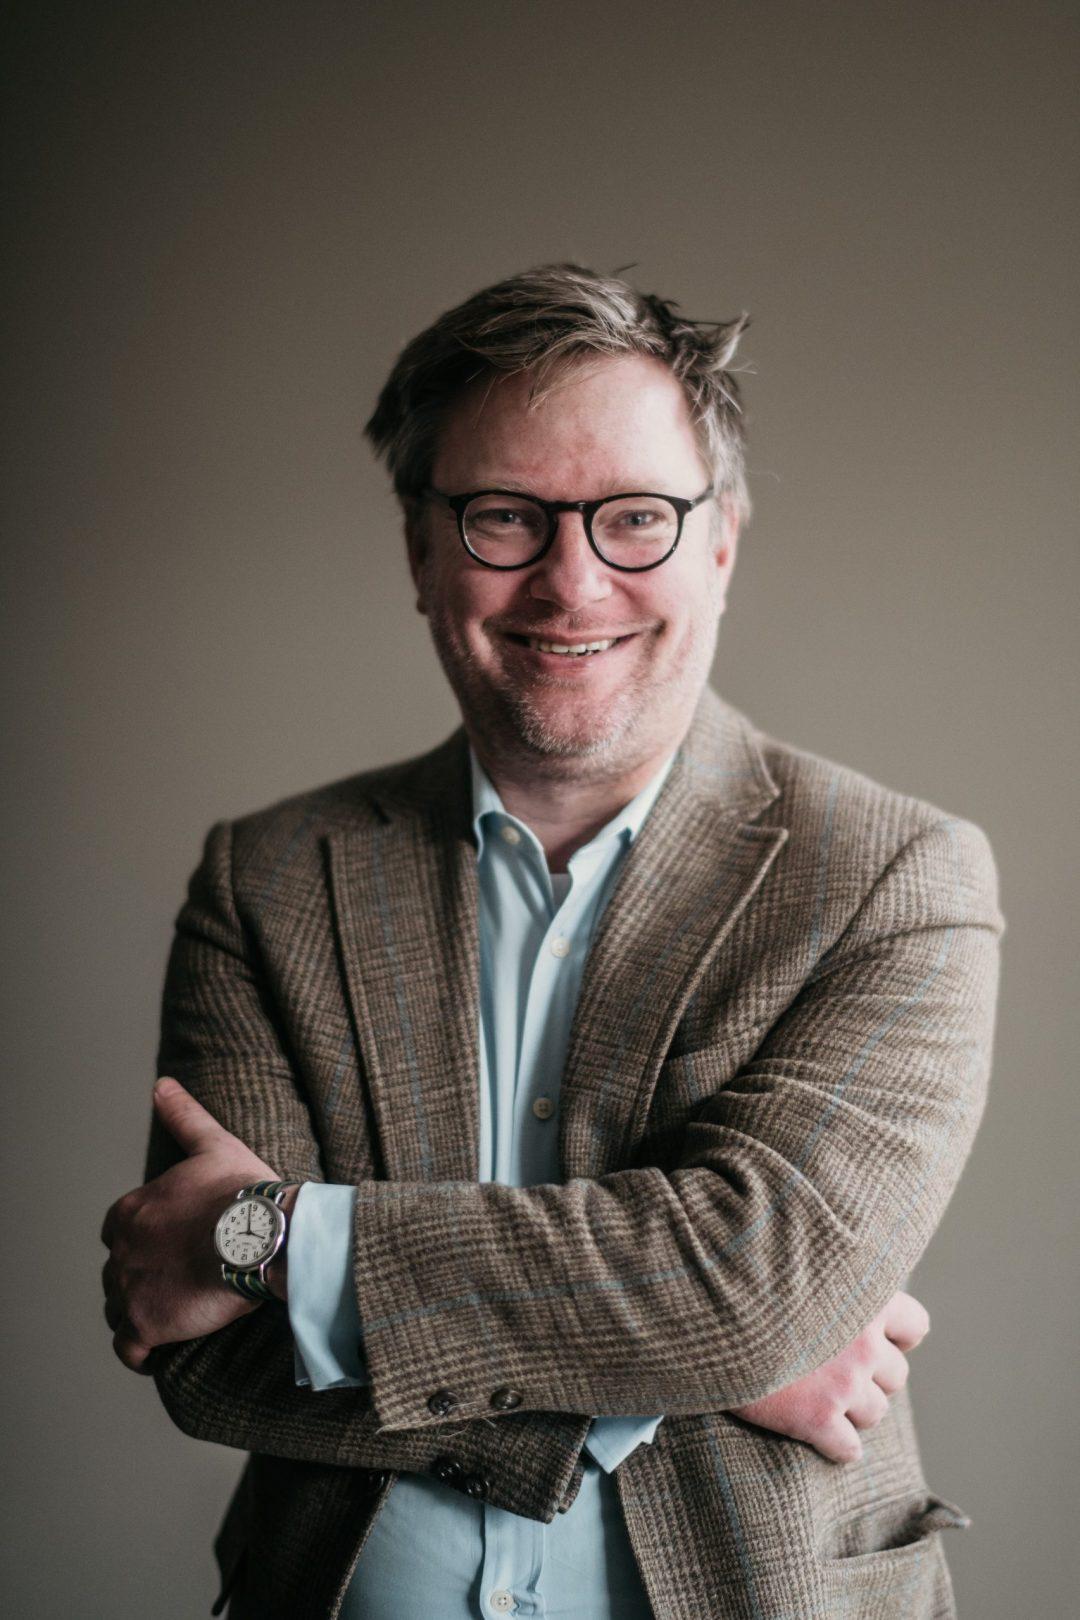 Dr. Keith Poniewaz